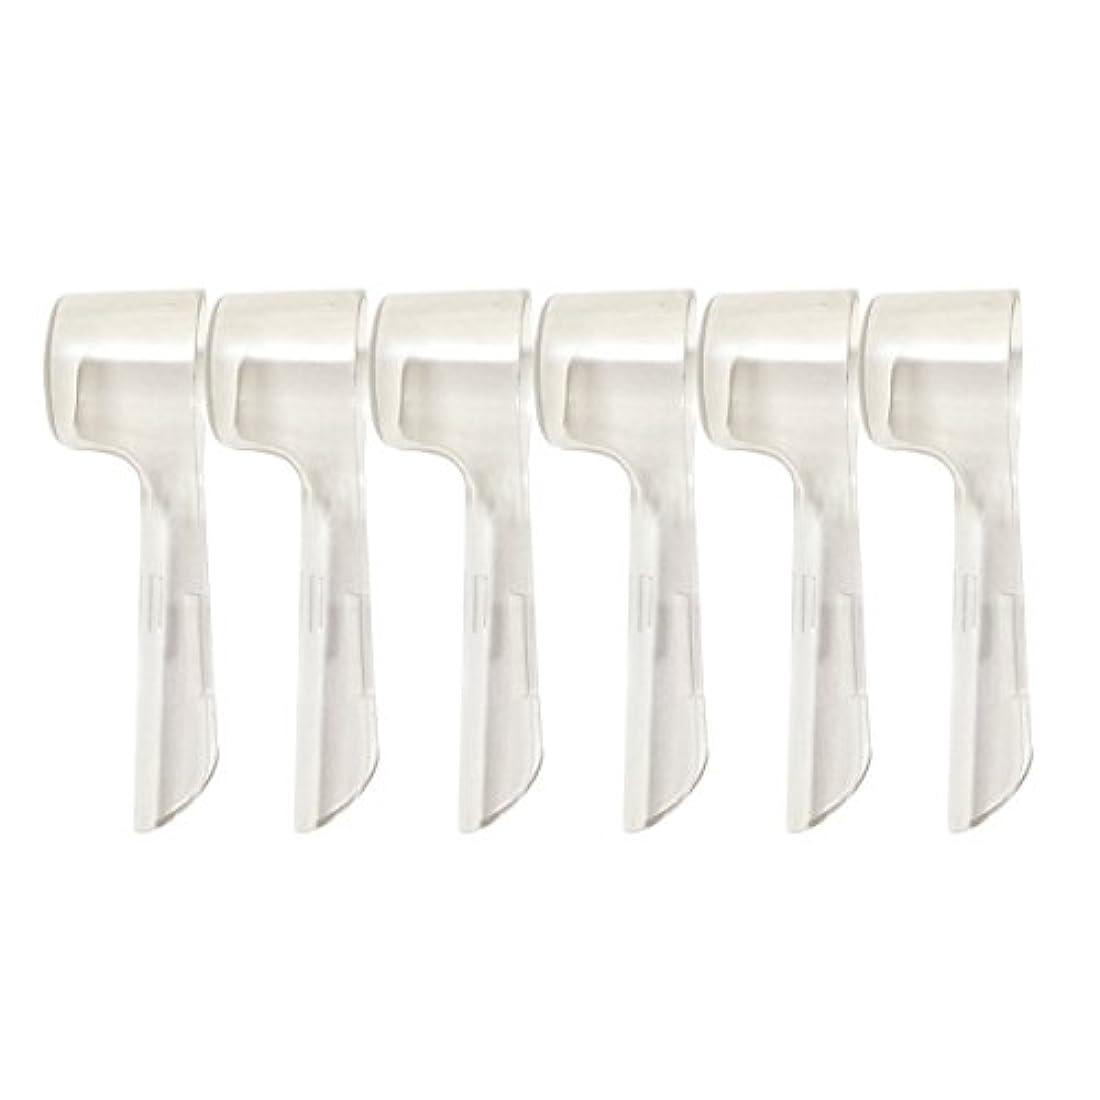 おかしいグッゲンハイム美術館メロンSUPVOX 旅行のために便利な電動歯ブラシのための6本の歯ブラシヘッドカバー